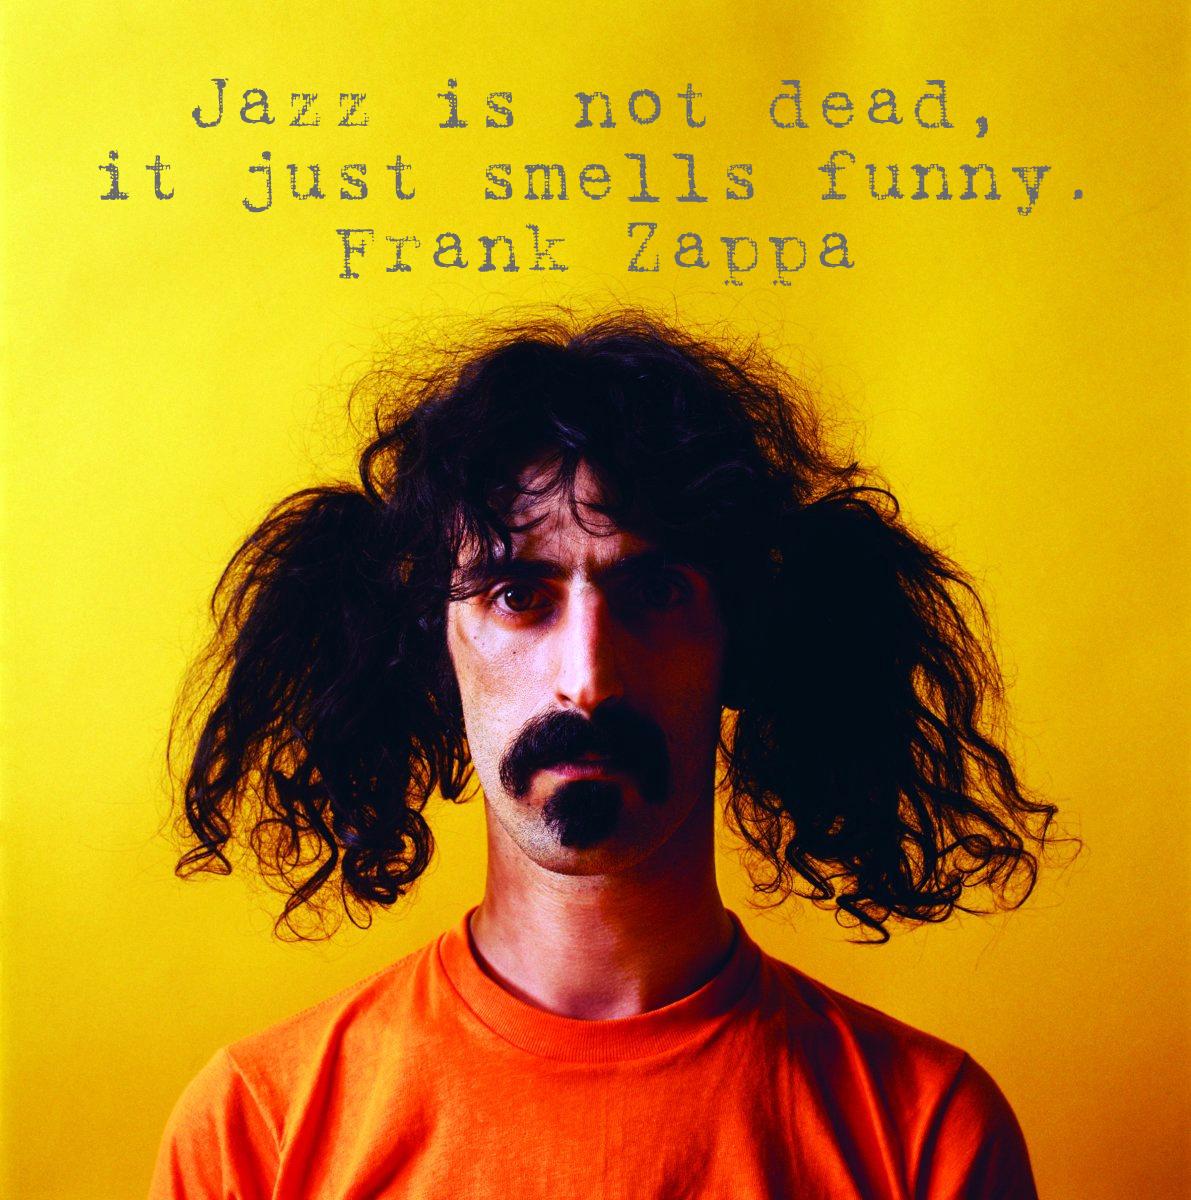 Jazz is not dead. Frank Zappa